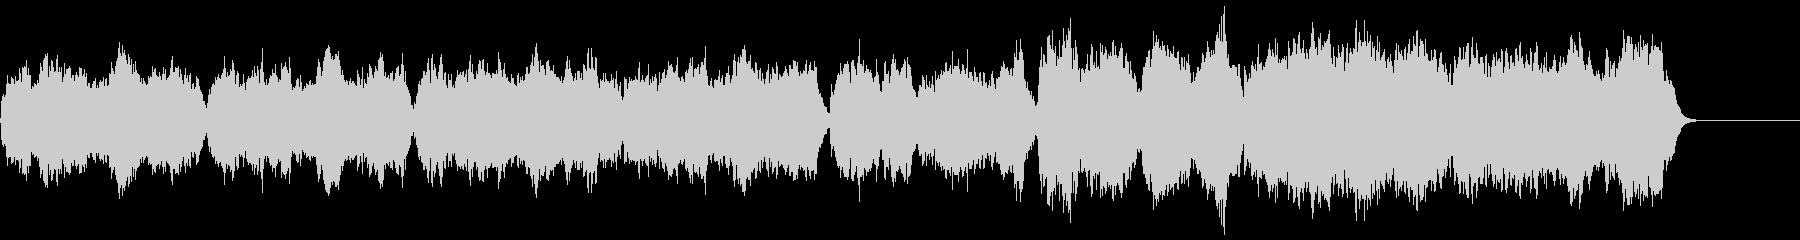 バロック編成の約1分のオリジナル曲の未再生の波形